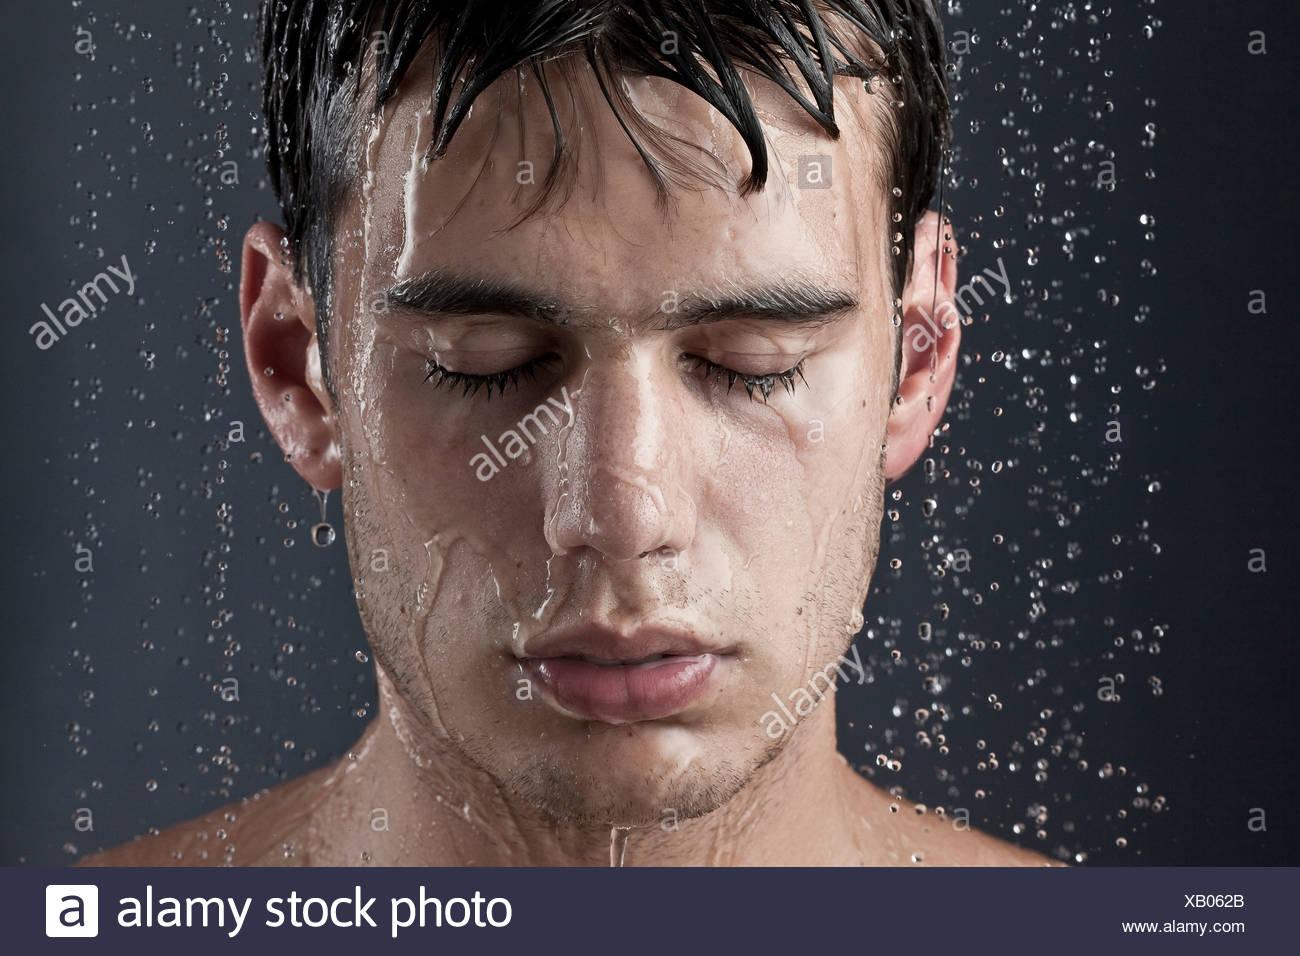 Junger Mann bedeckt mit Wassertröpfchen Stockbild